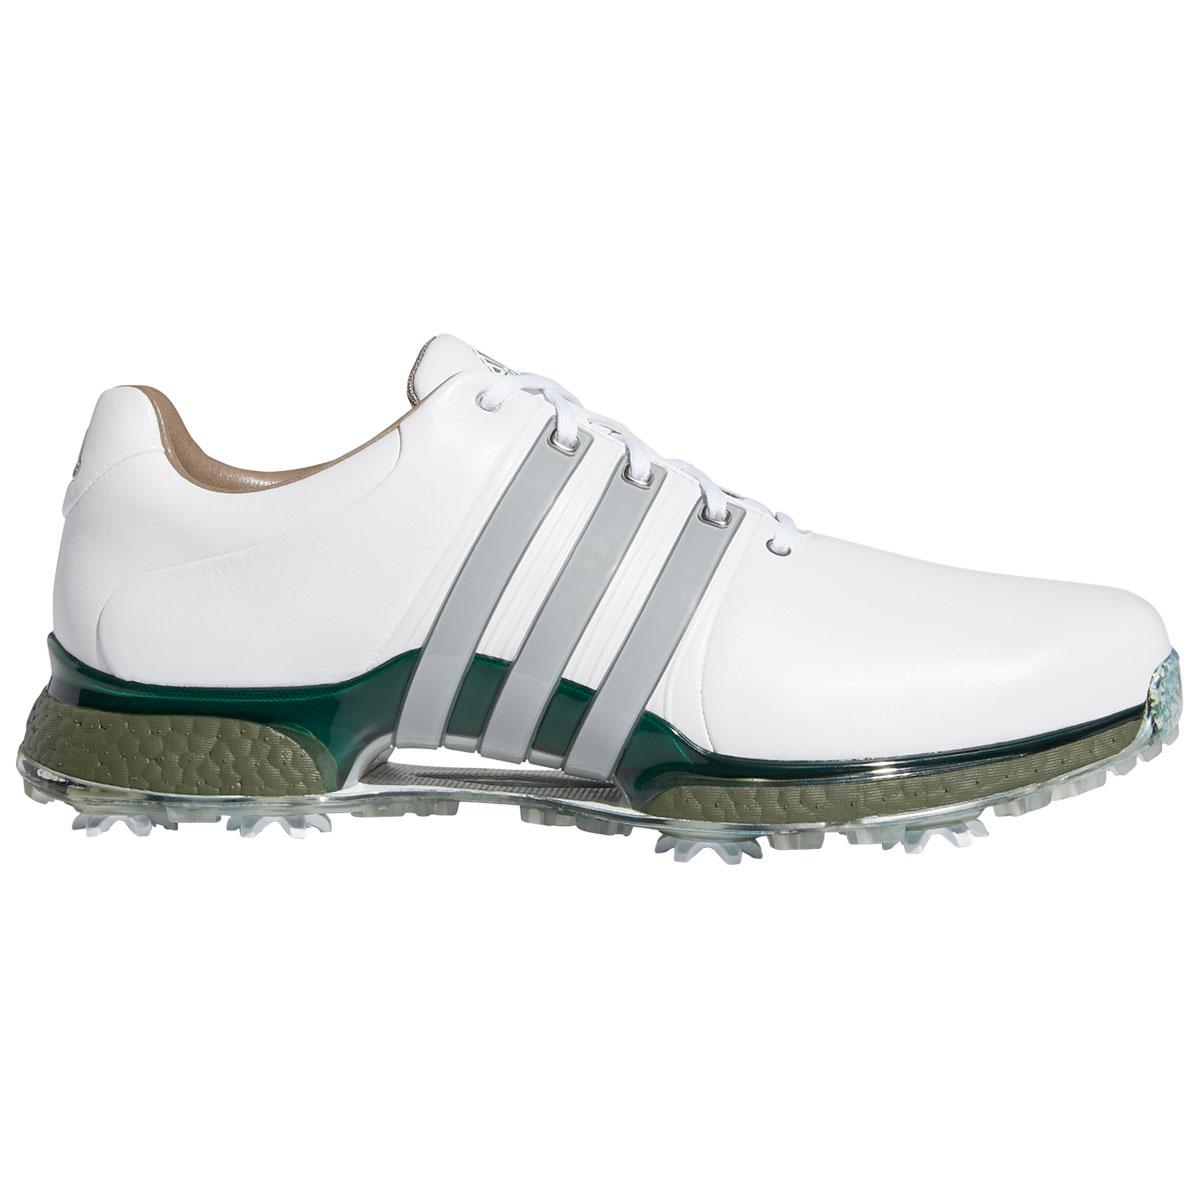 énorme réduction 47d7c da573 adidas Golf Tour 360 XT Shoe